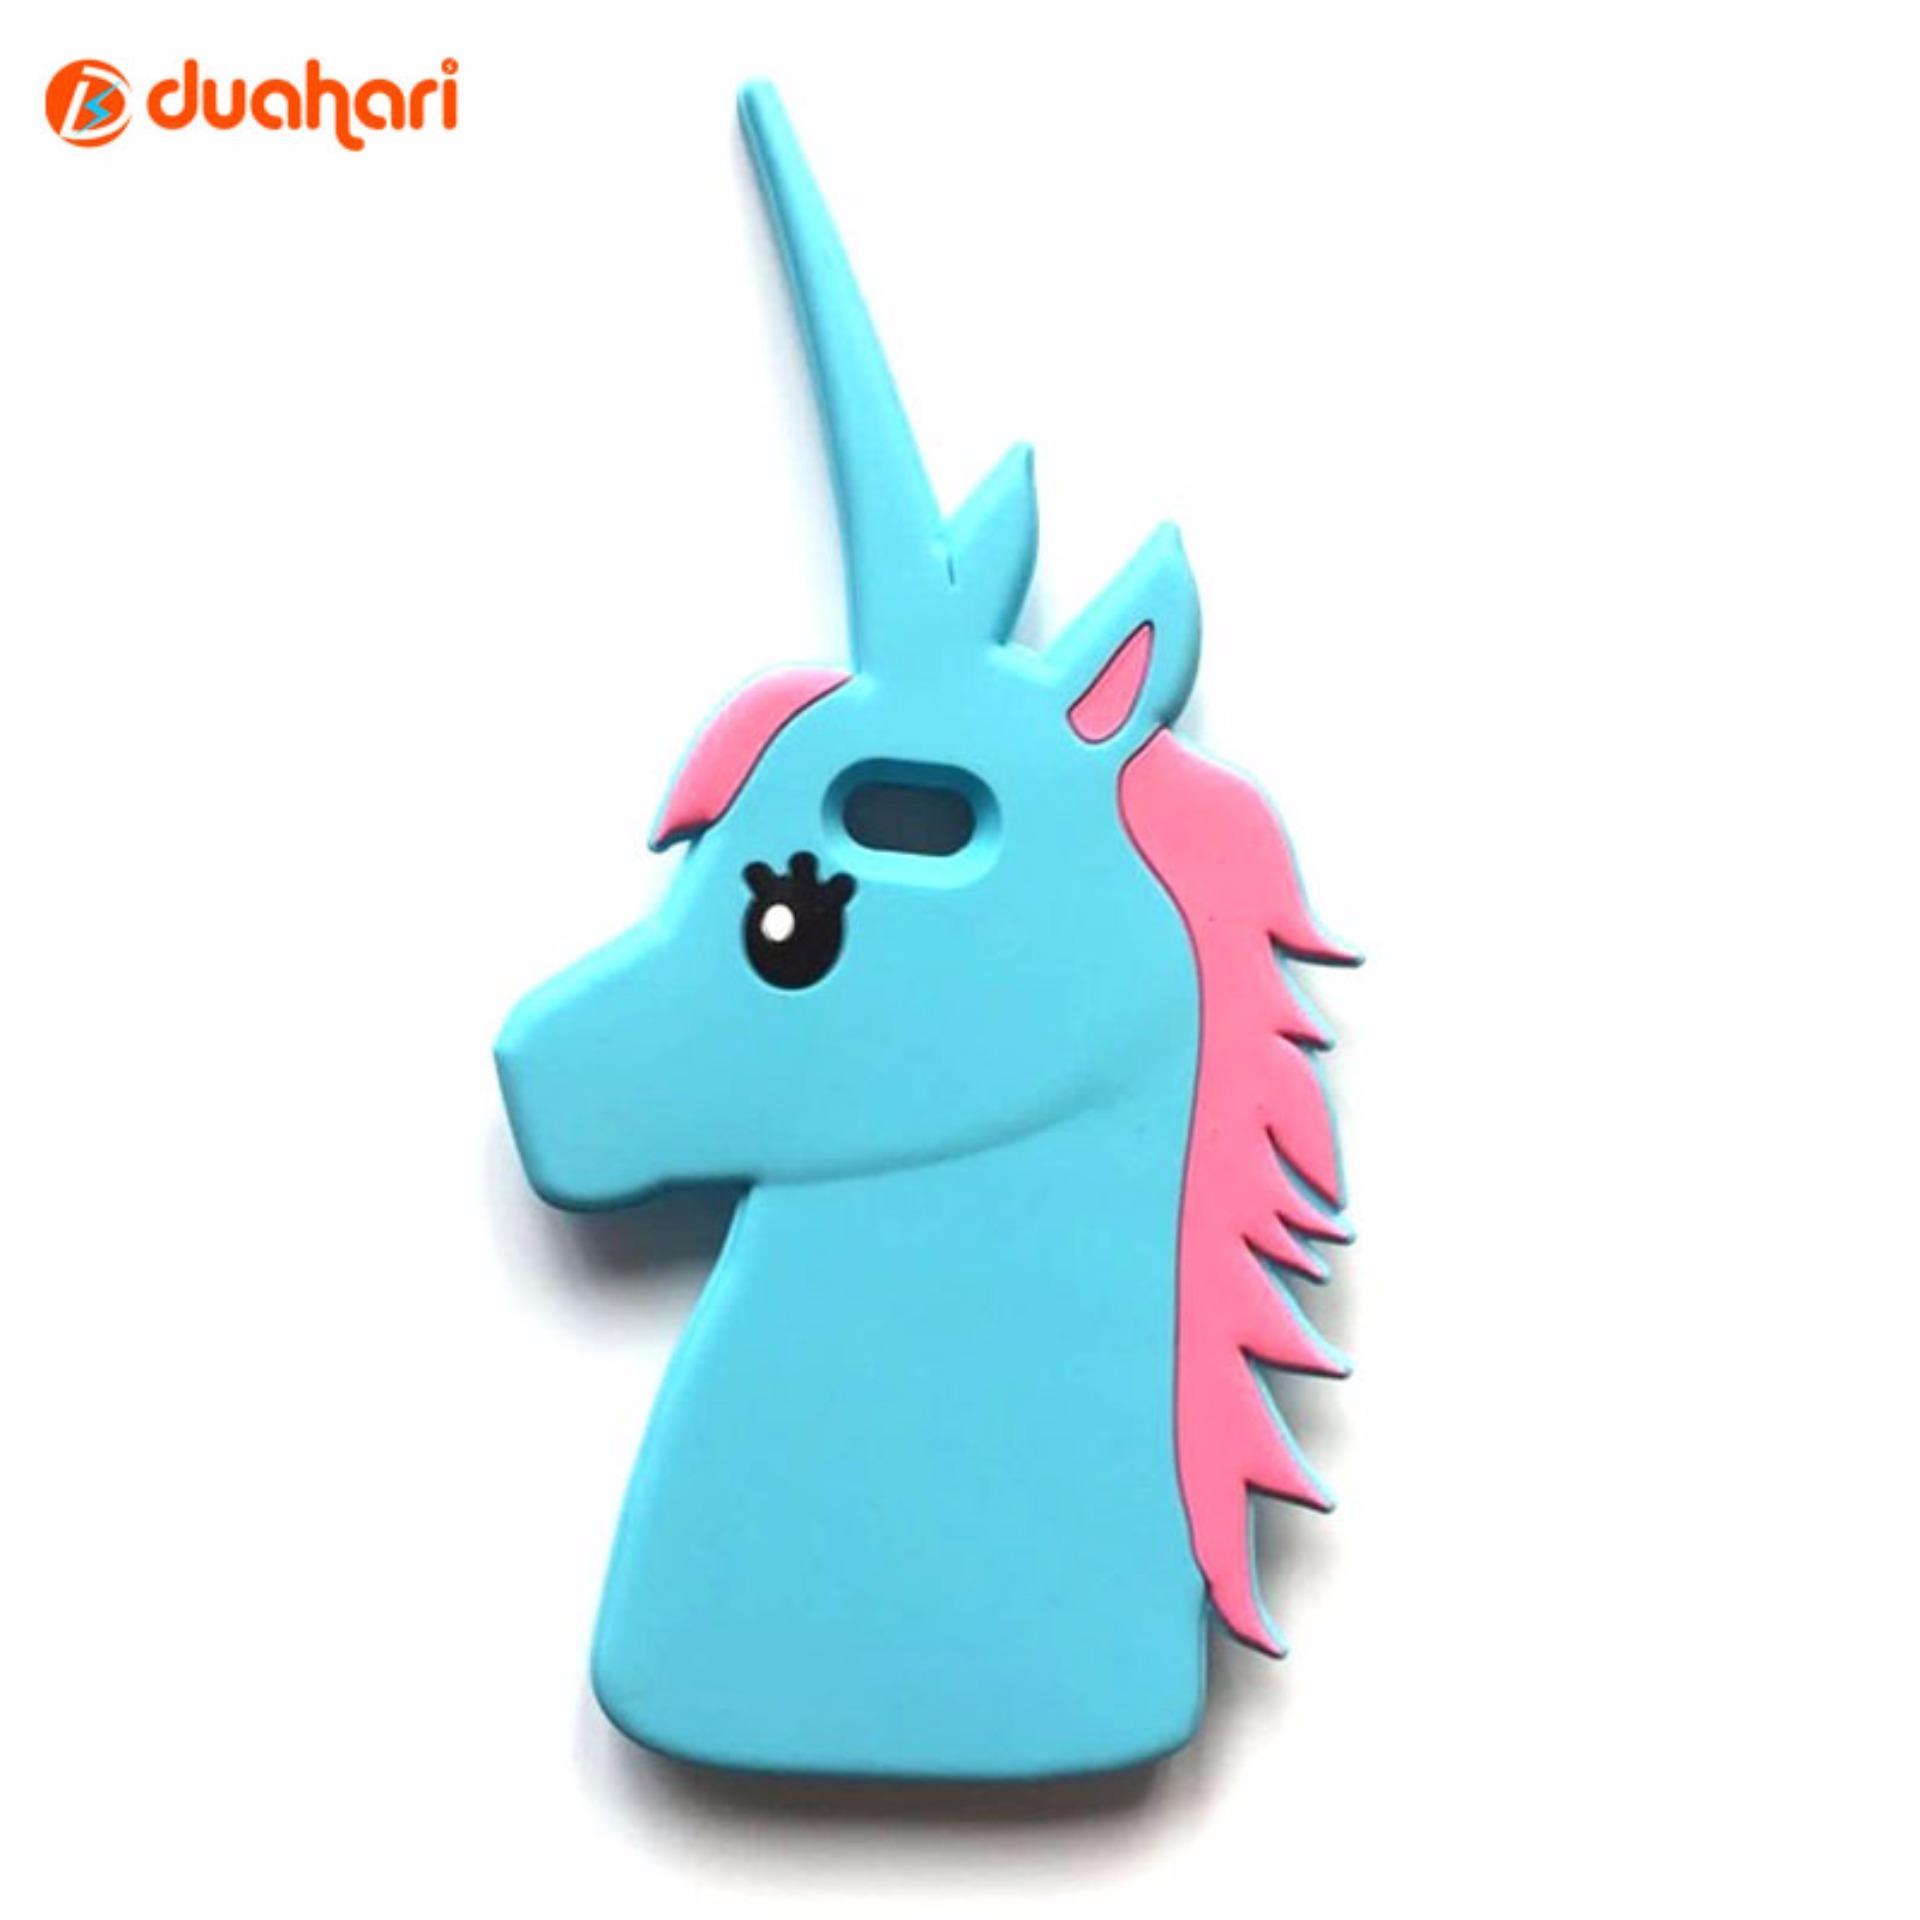 Casing Unicorn Case Silikon Unicorn iPhone 5s Softcase iPhone 5s -Biru .